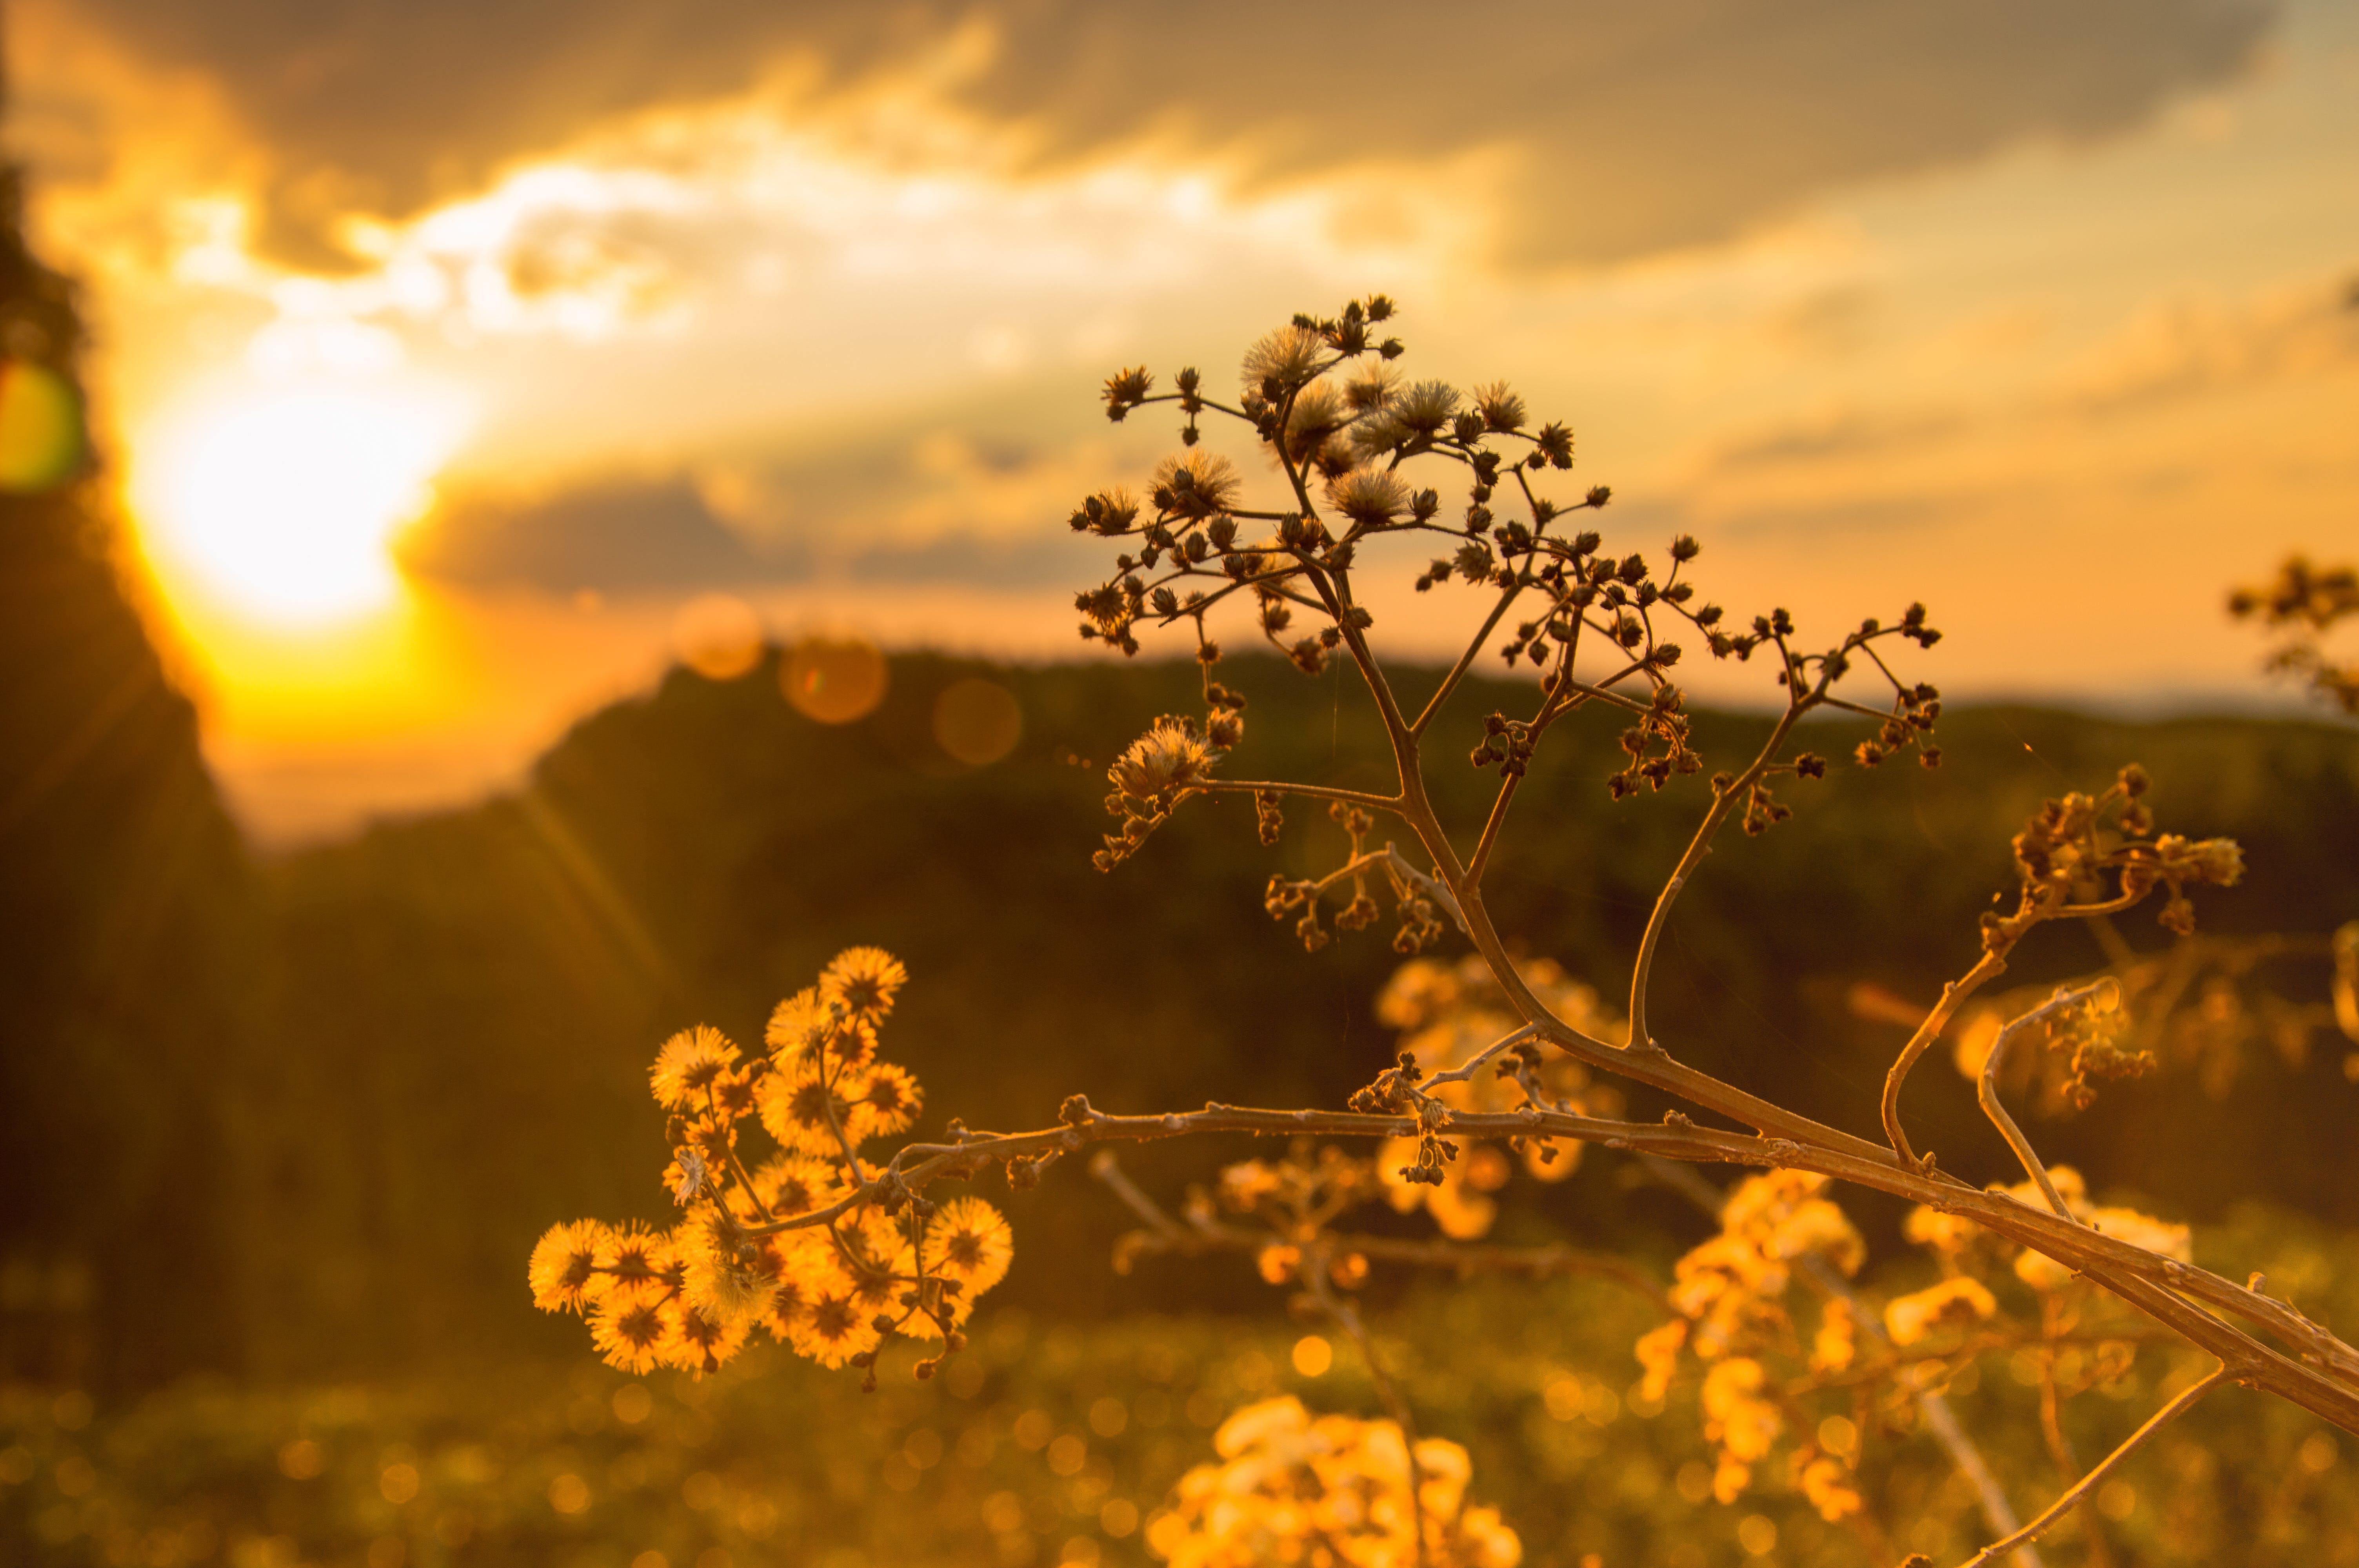 bländande ljus, blomma, blommor